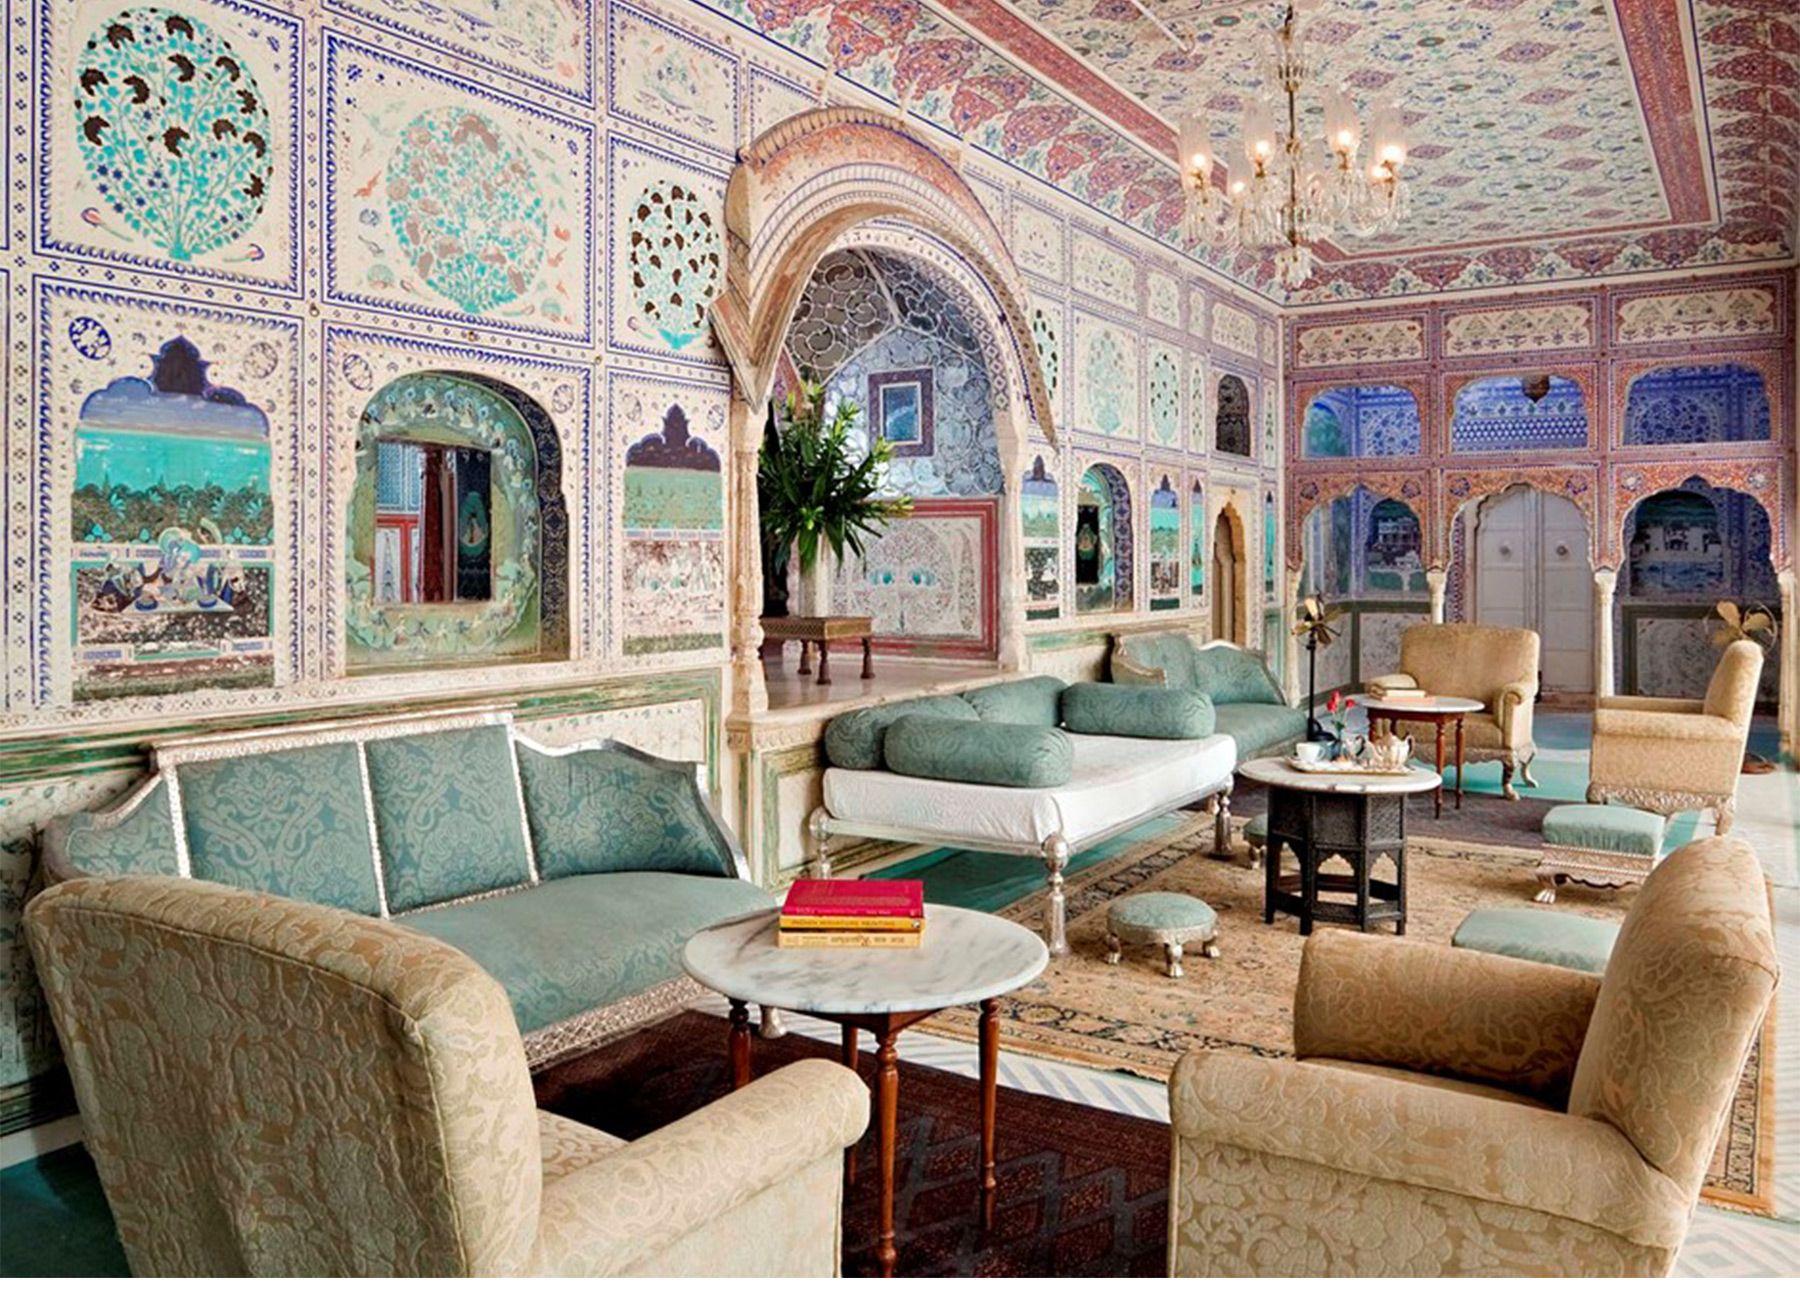 Samode Palace, Jaipur, Rajasthan, India | India Travel ...